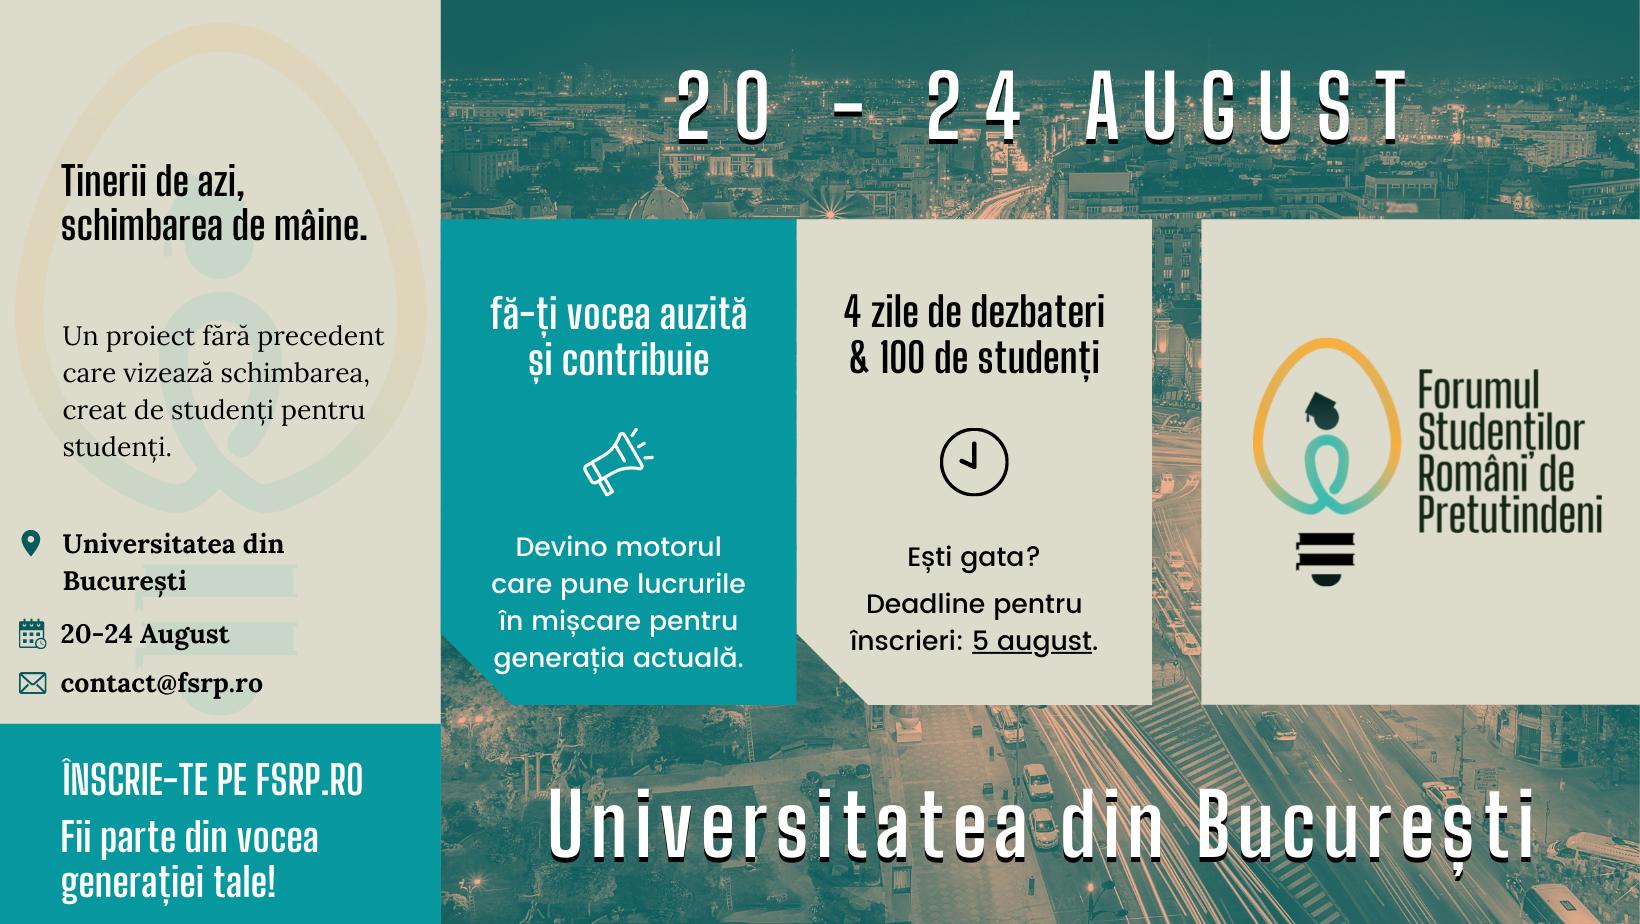 """Înscrie-te ca participant în """"Forumul Studenților Români de Pretutindeni""""!"""